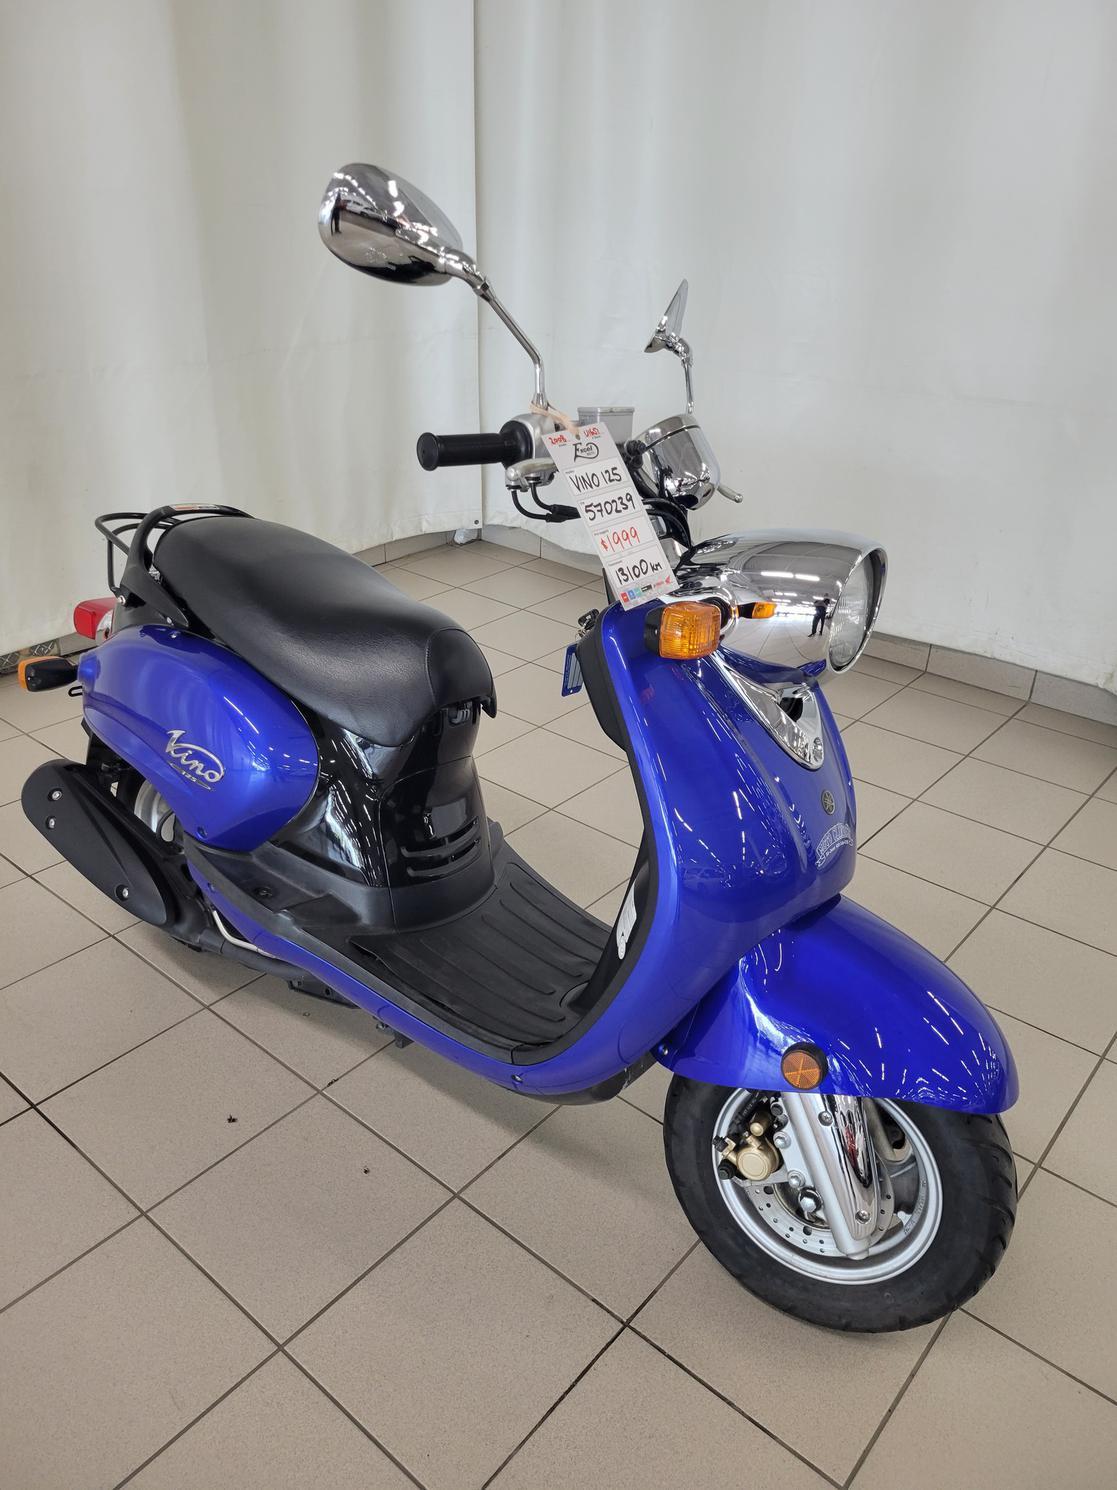 Yamaha VINO 125 2008